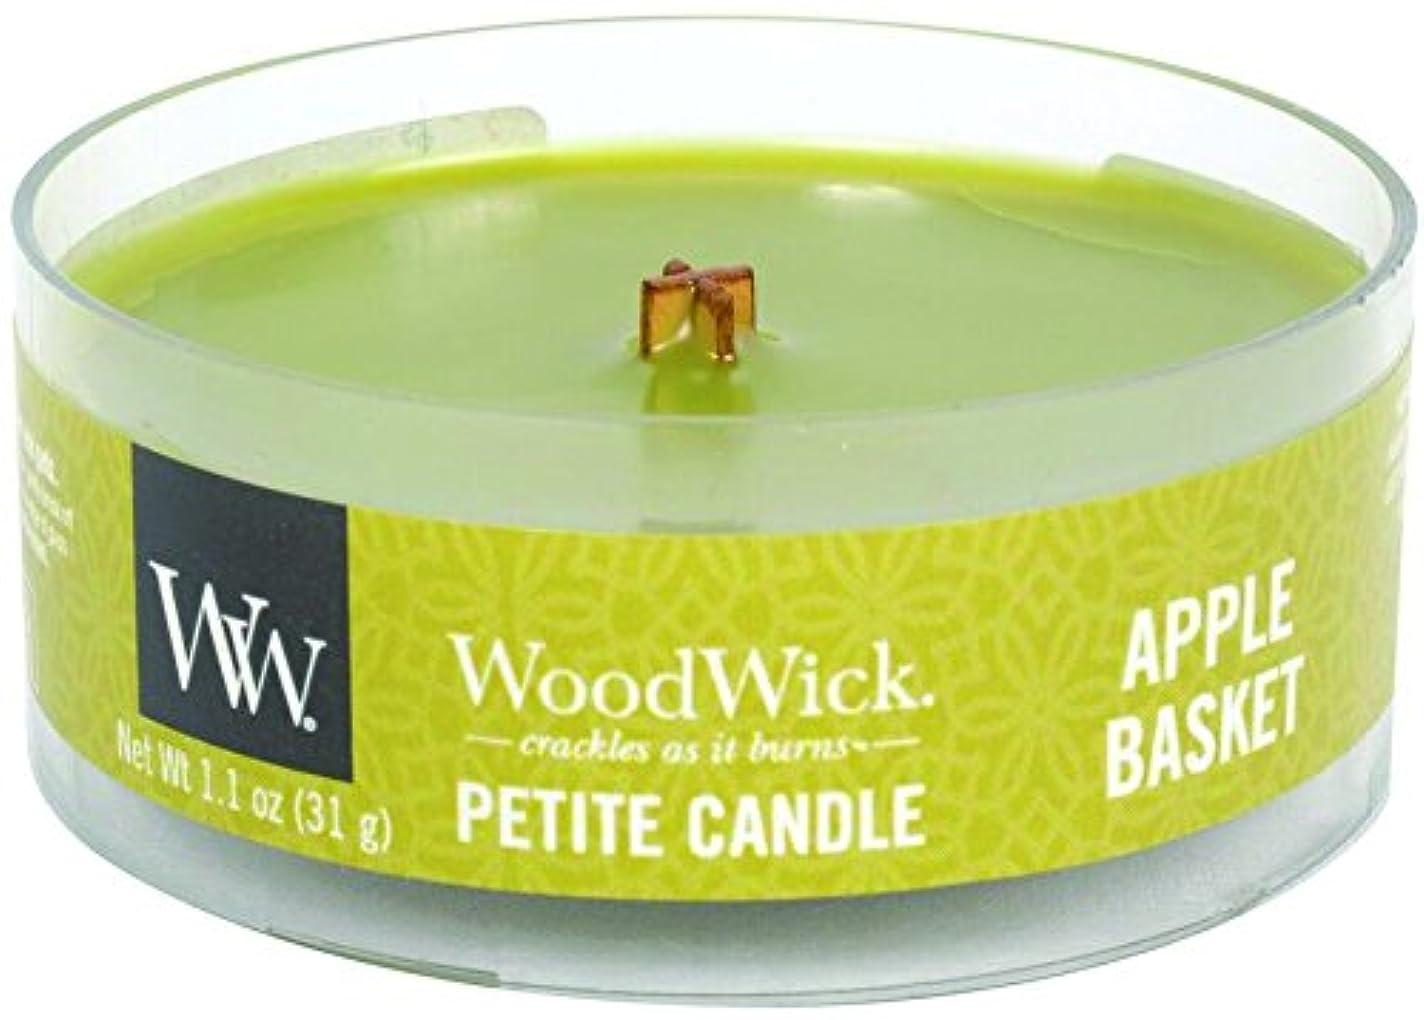 衣装掃除複製するWood Wick ウッドウィック プチキャンドル アップルバスケット